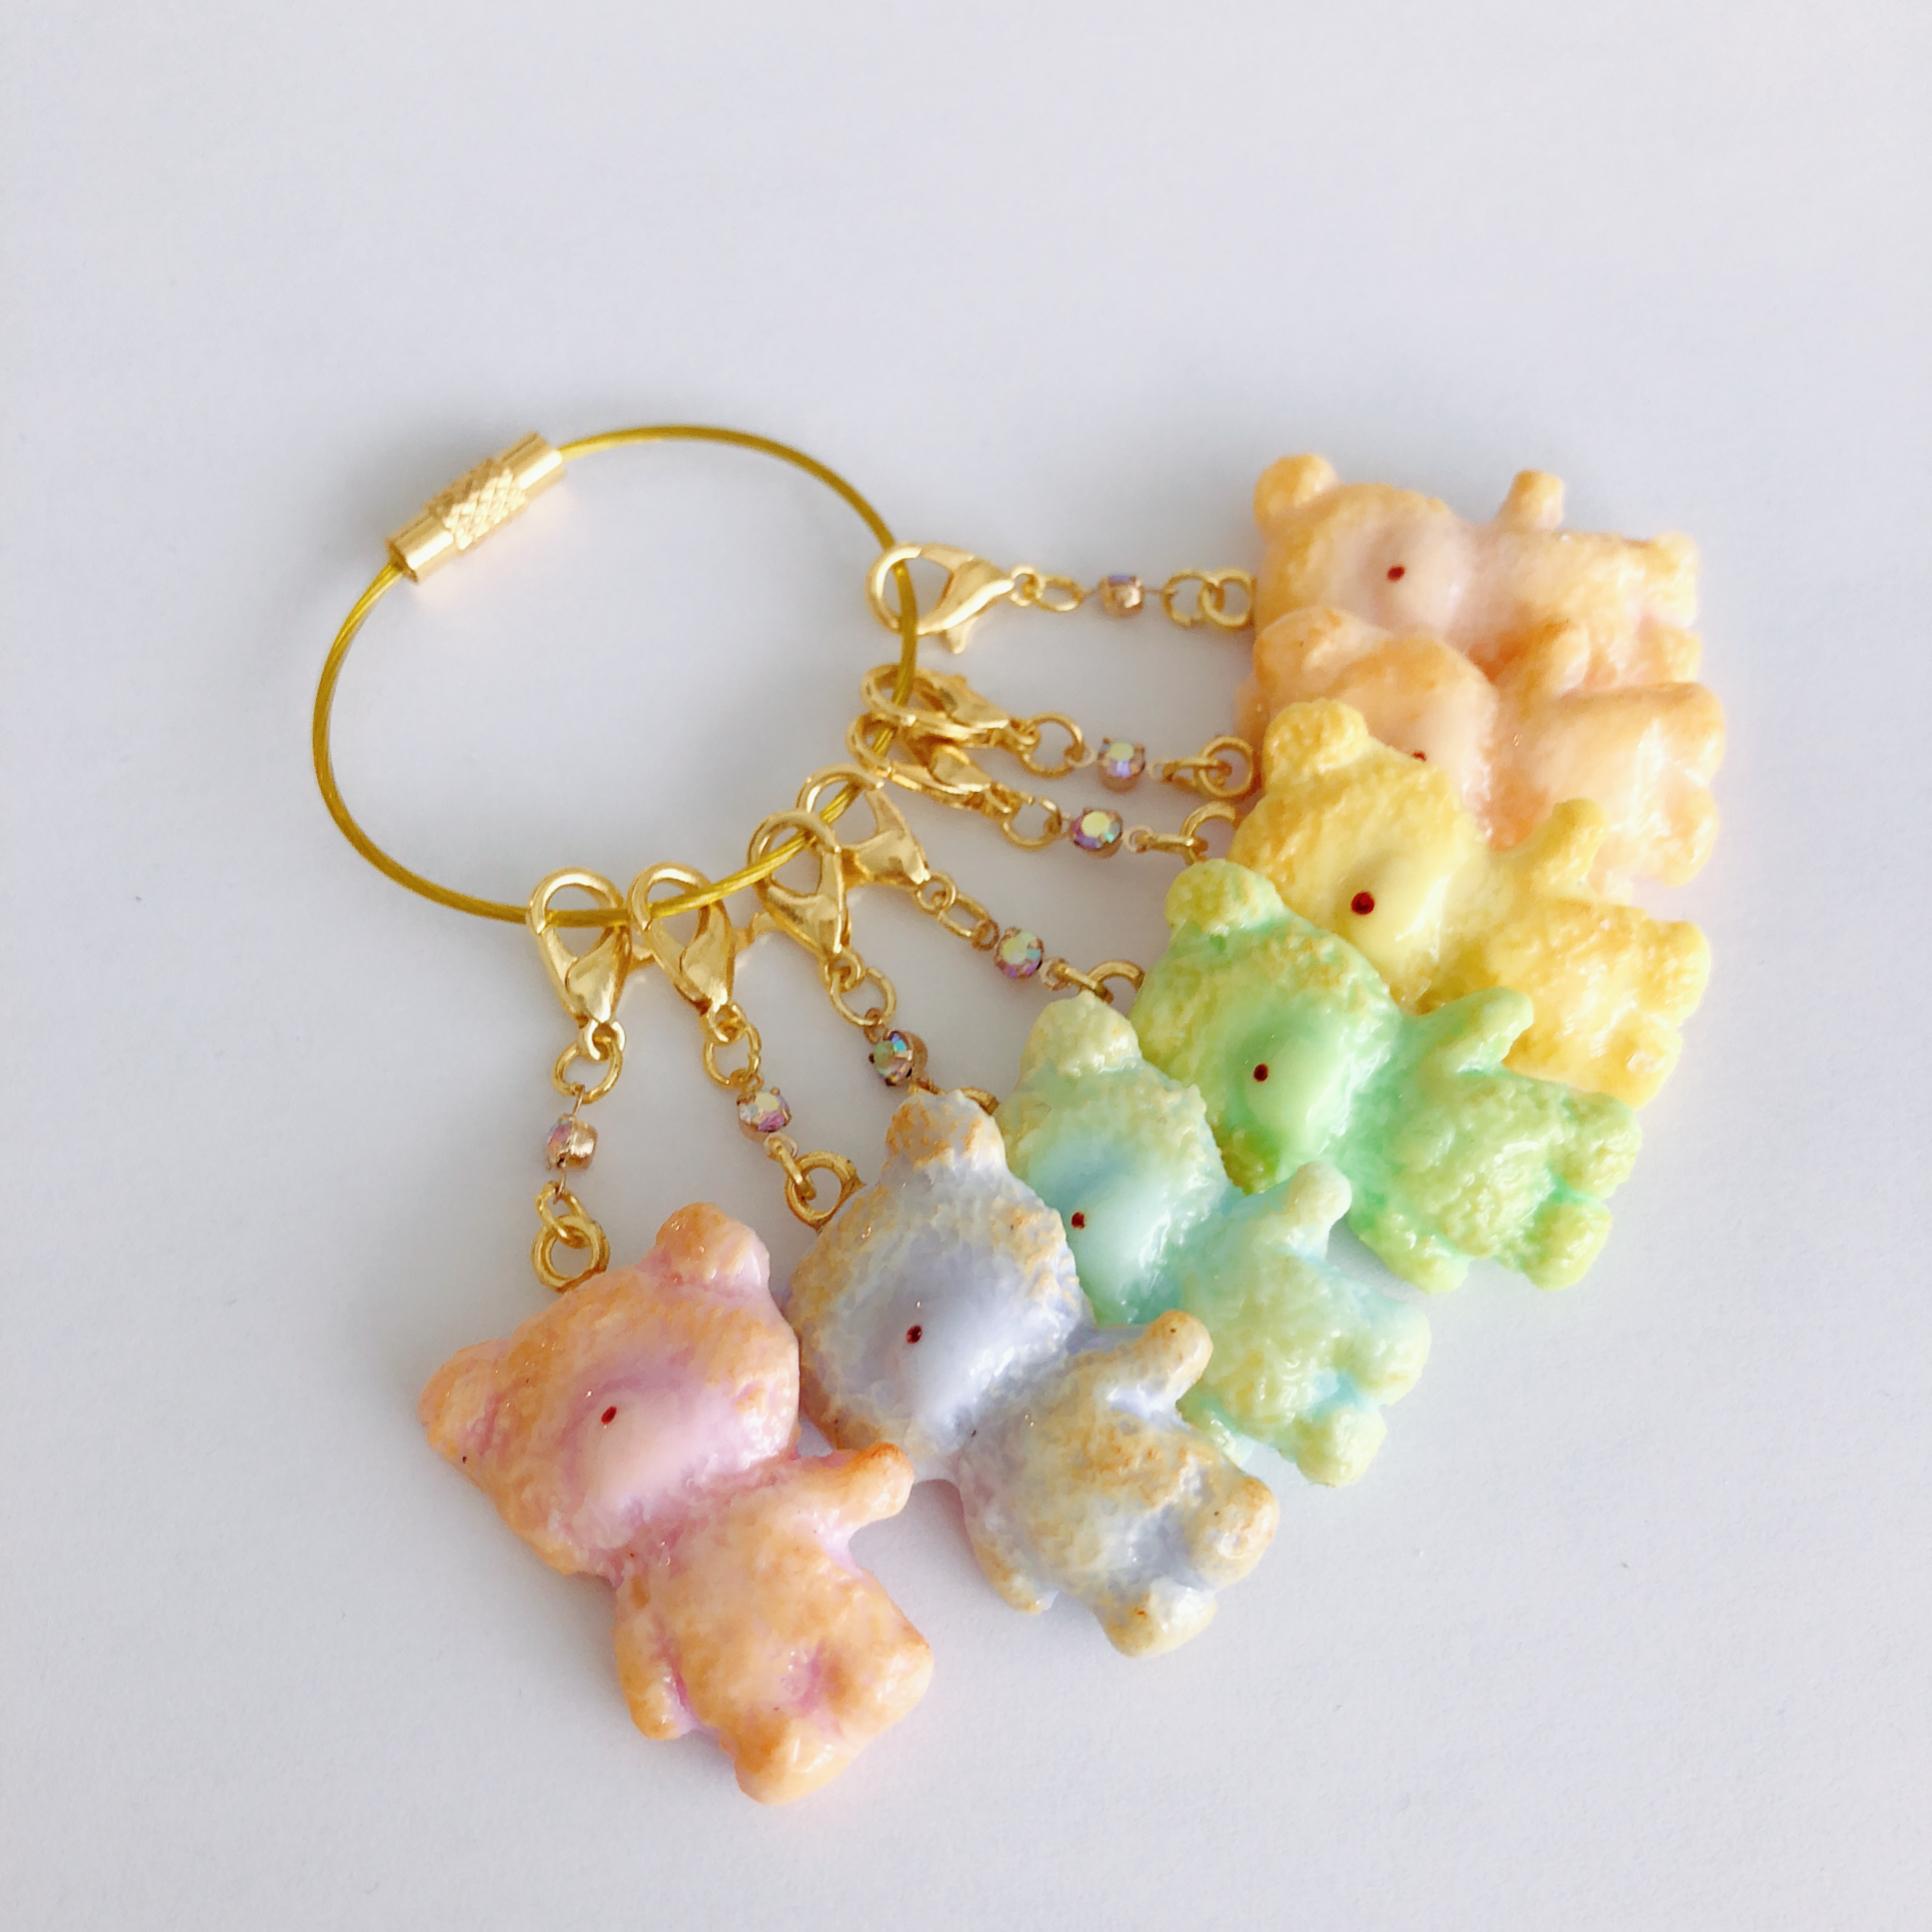 【Puryun】虹色くまさんクッキーチャームキーリングp12-001